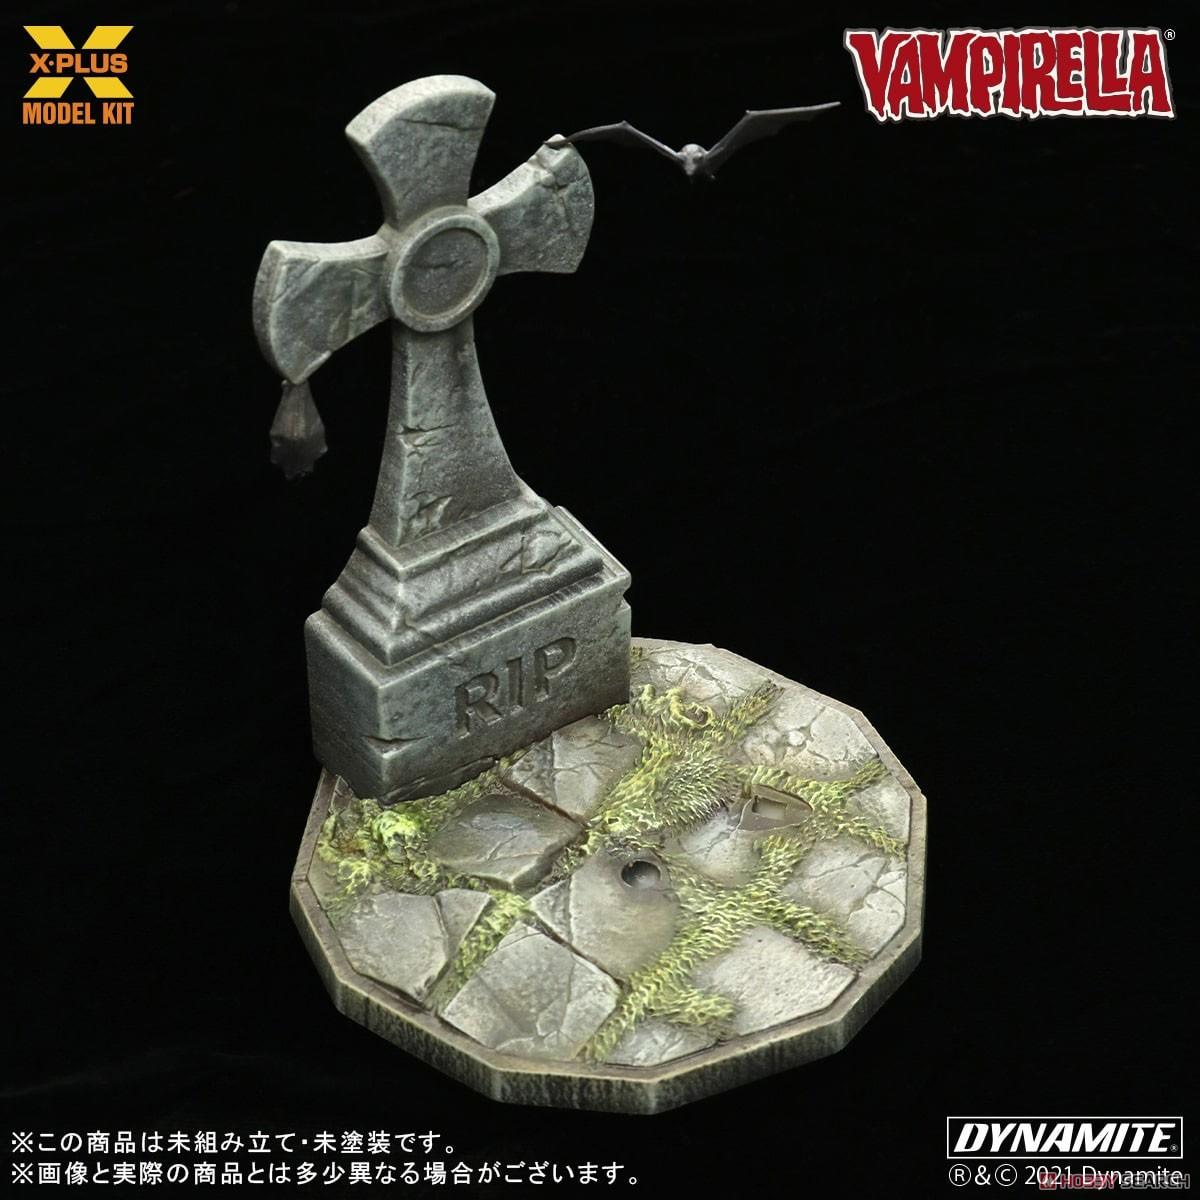 Vampirella『ヴァンピレラ 』1/8スケール プラスチック モデルキット-007